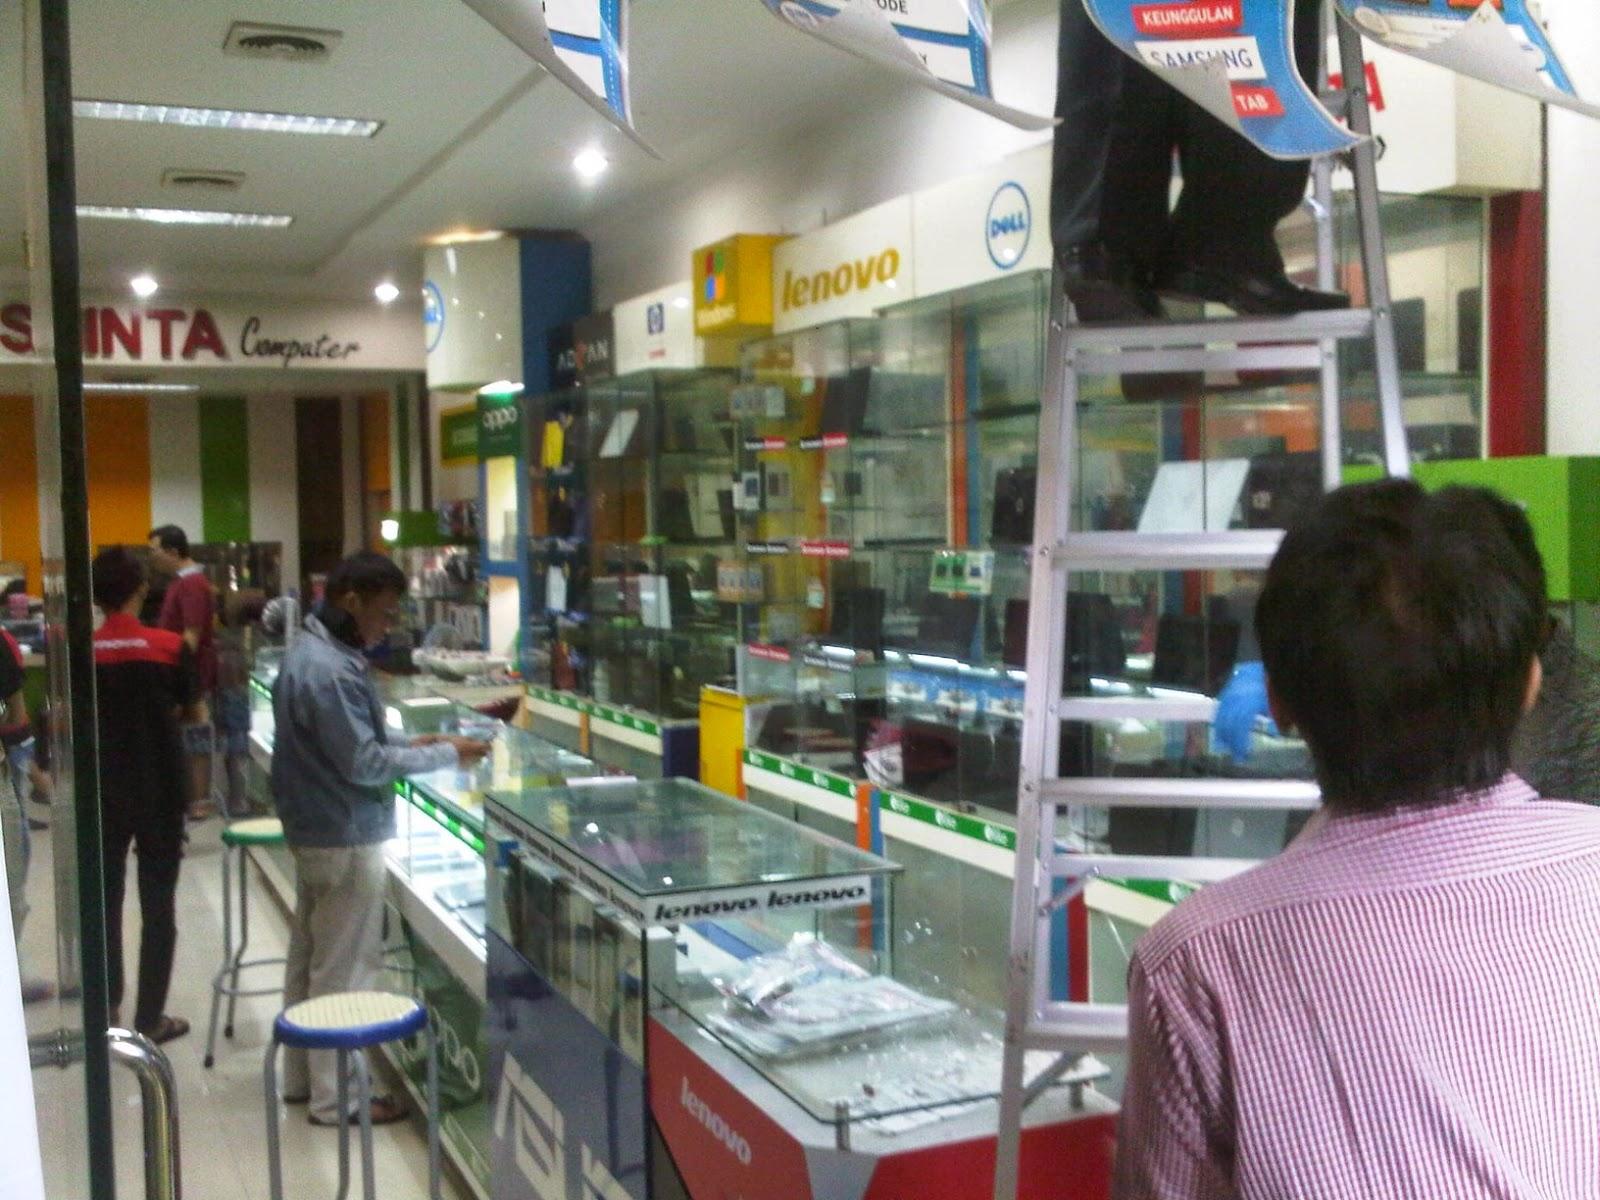 Toko Computer El Shinta di Sultan Agung 162 Kecamatan Pekalongan Timur, Kota Pekalongan dibobol orang tak dikenal Kamis malam (12/2/15).